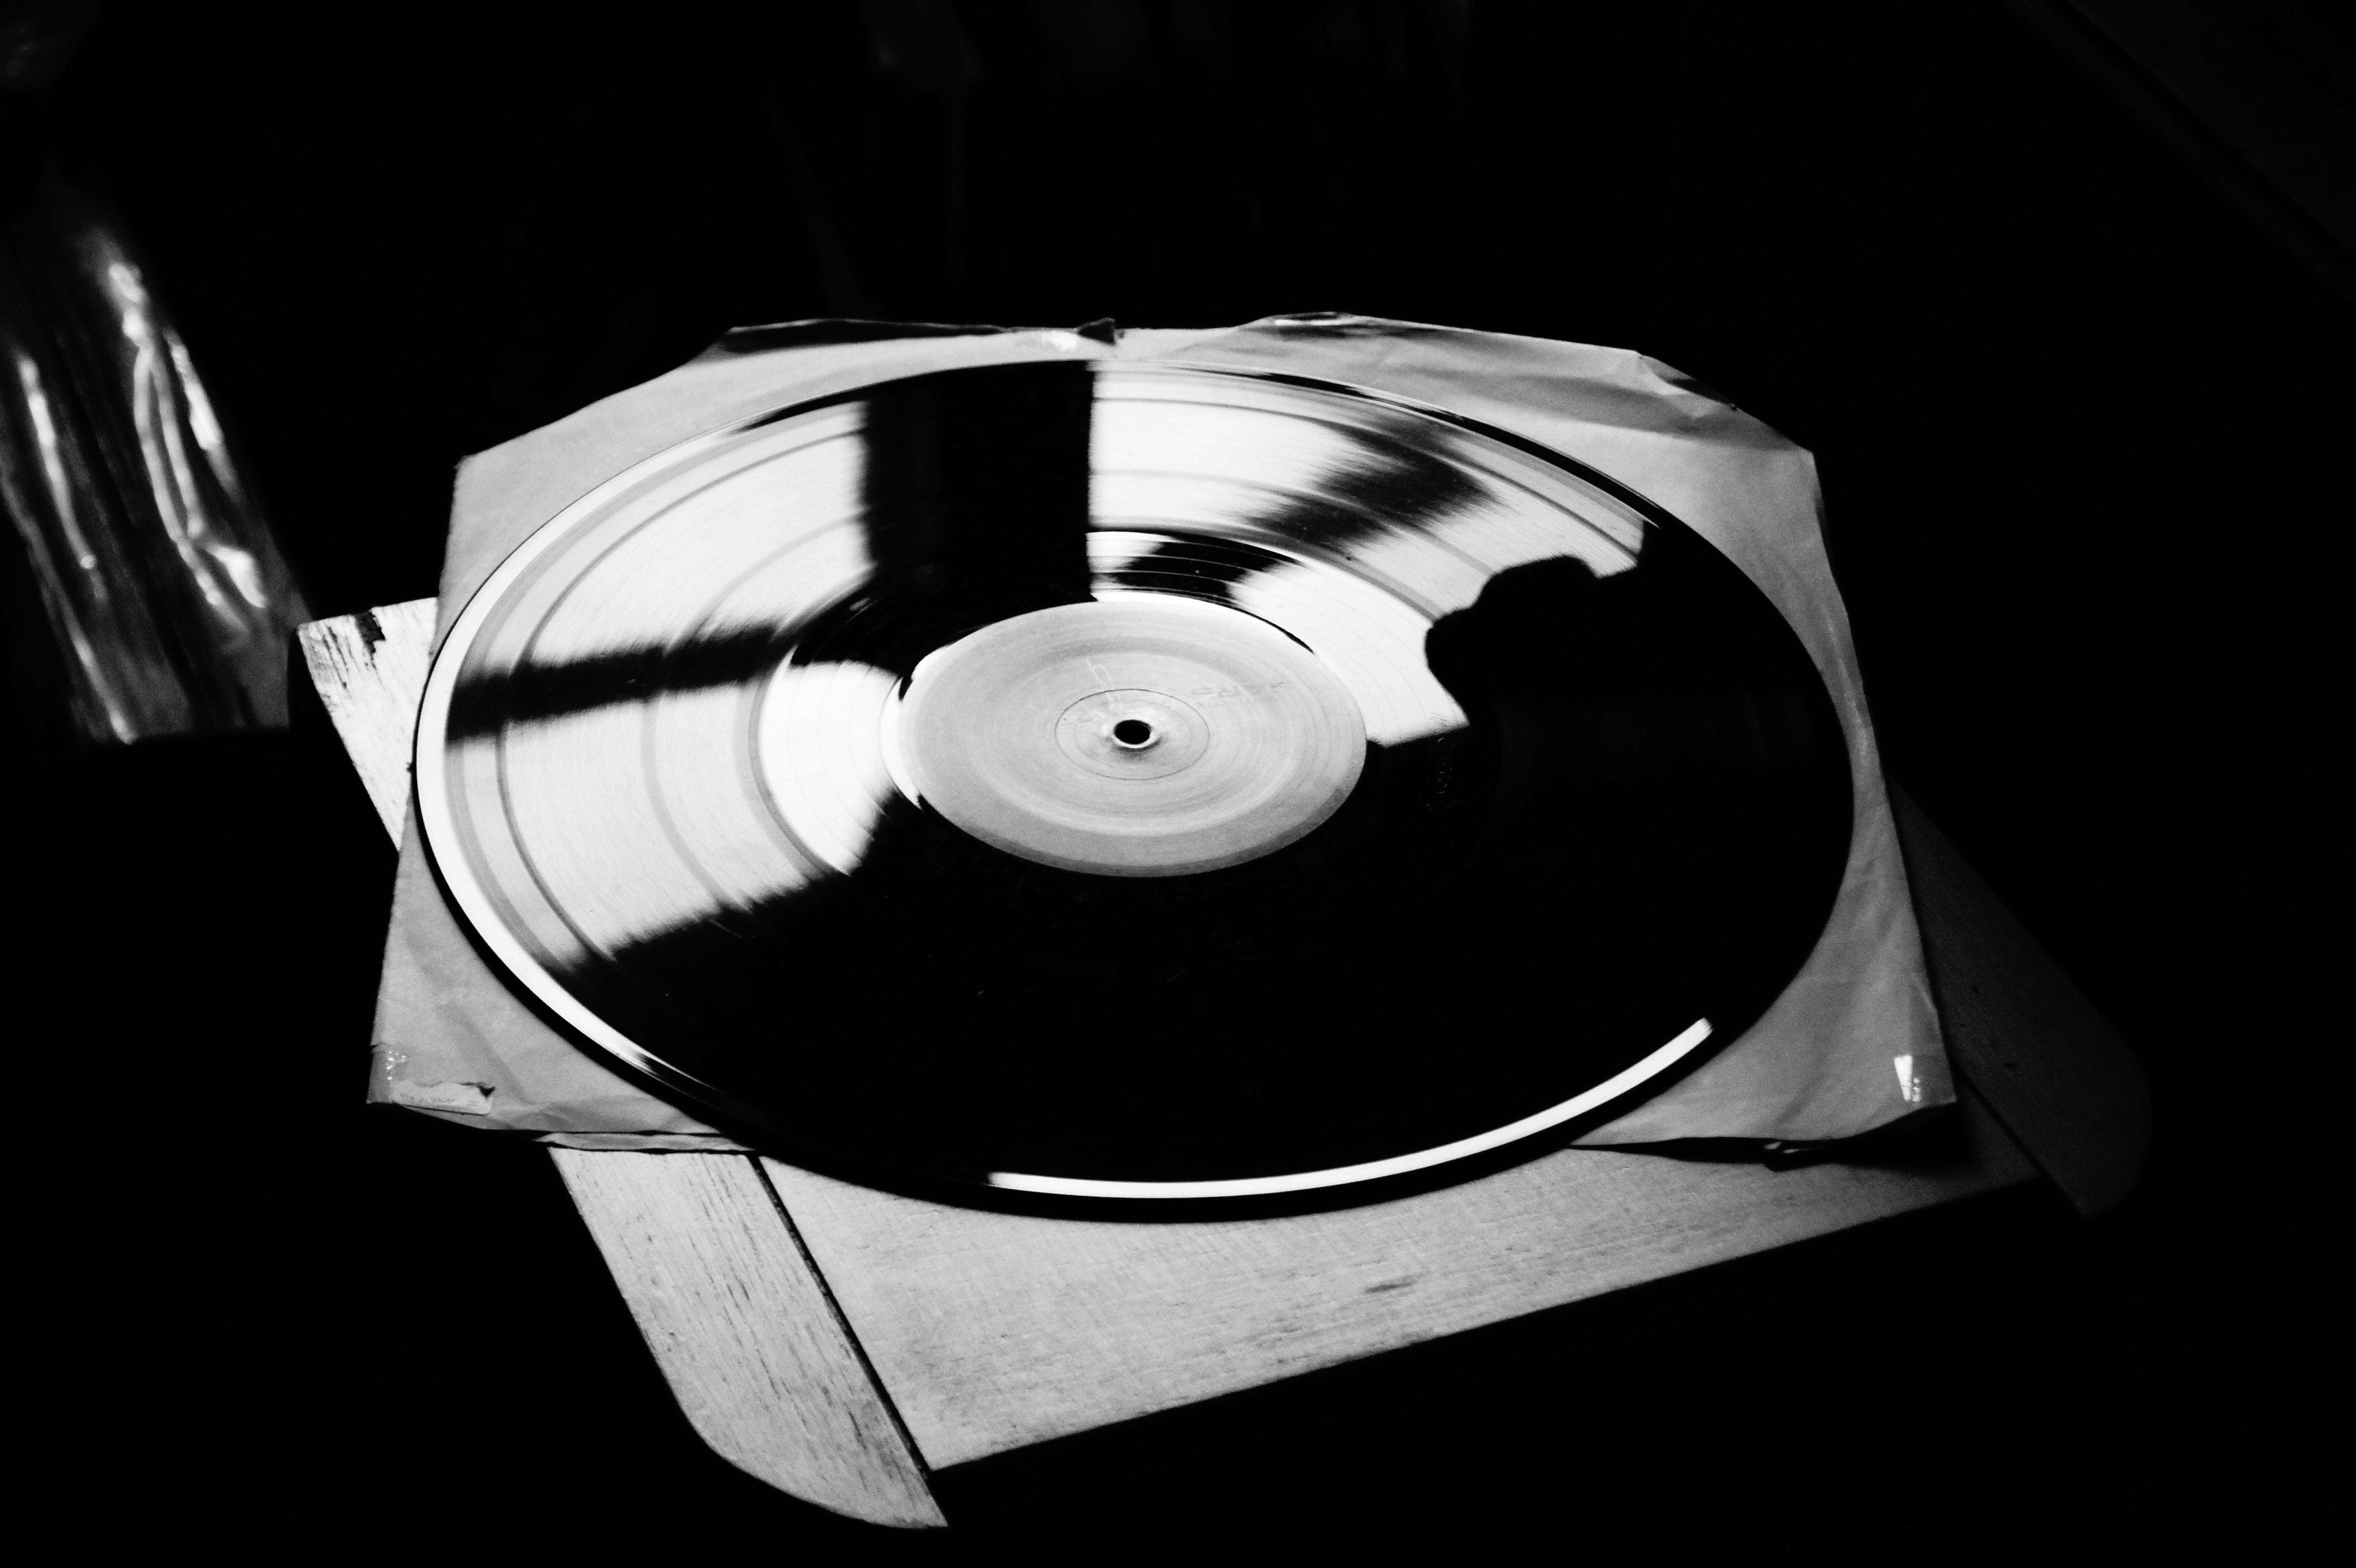 Zwart Wit Vinyl : Platenkoffer zwart wit met harmonica goods vinyl floating goods